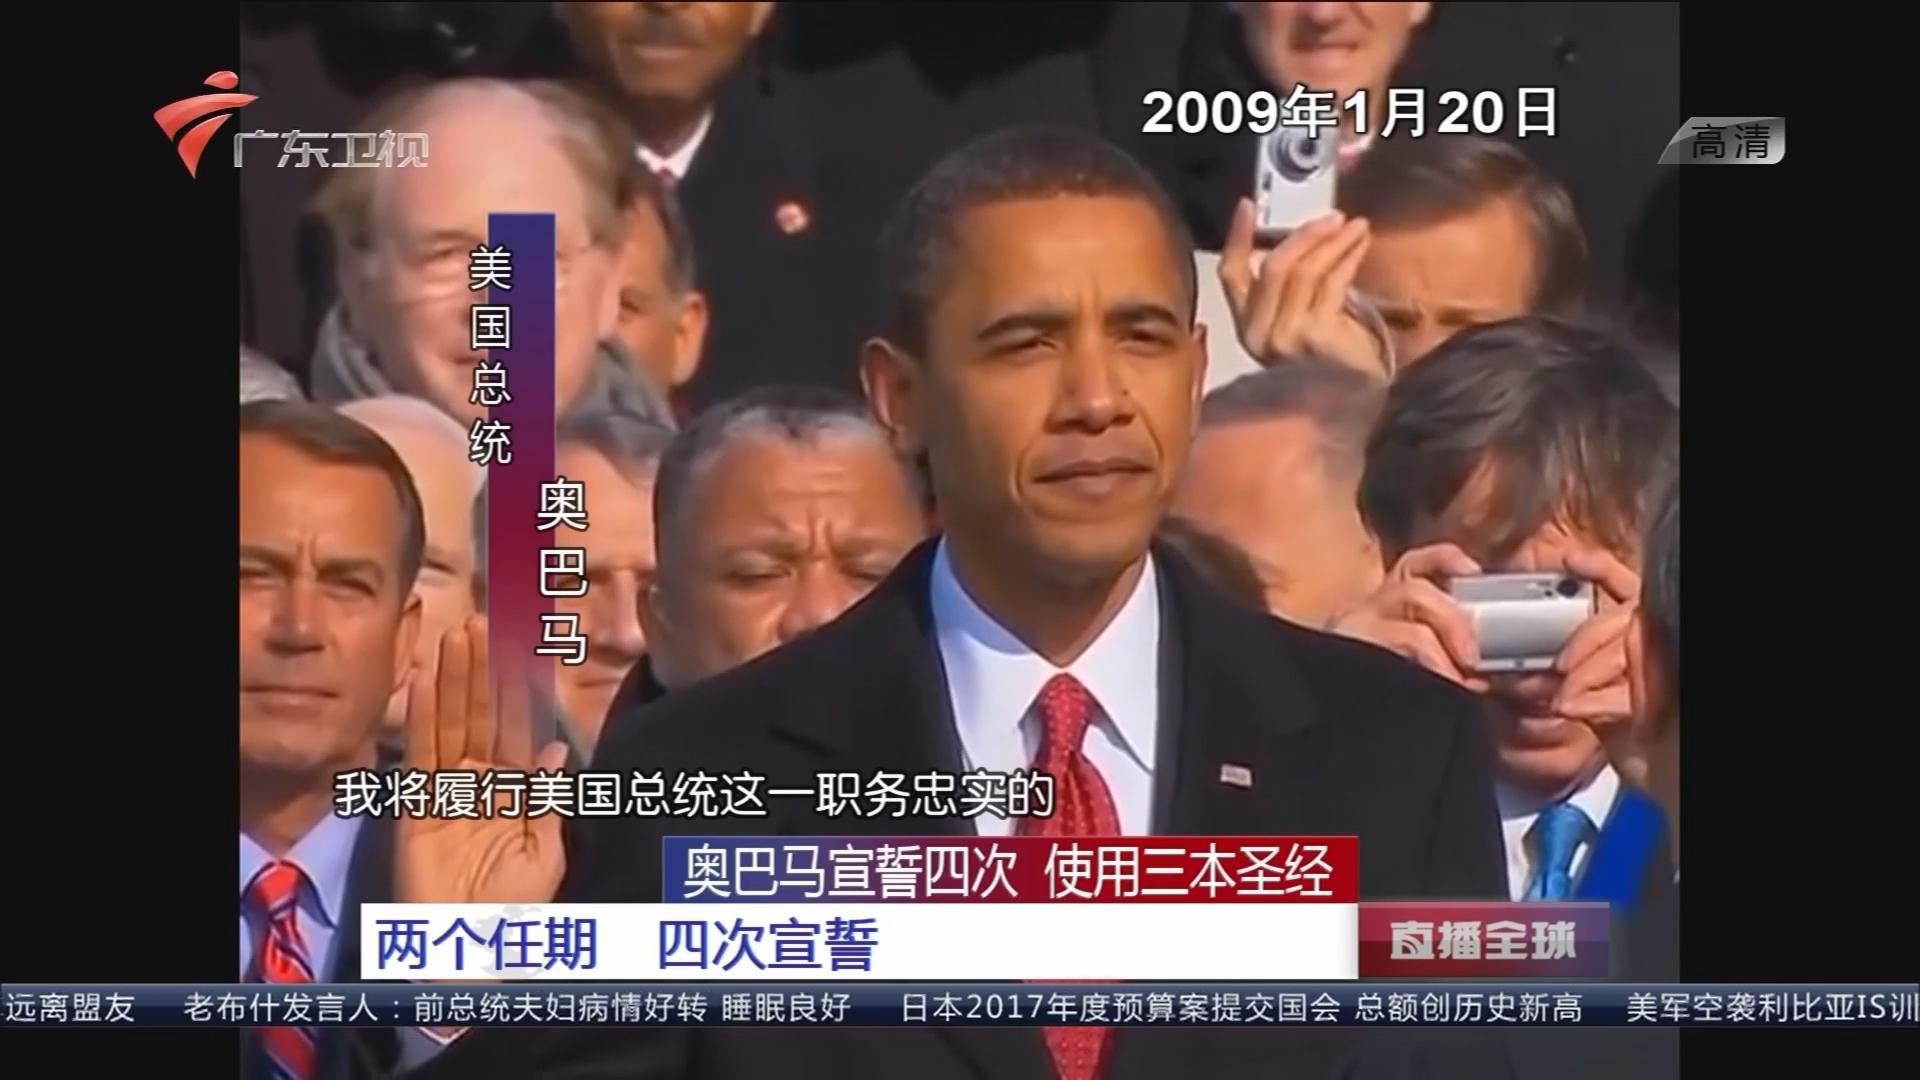 奥巴马宣誓四次 使用三本圣经:两个任期 四次宣誓